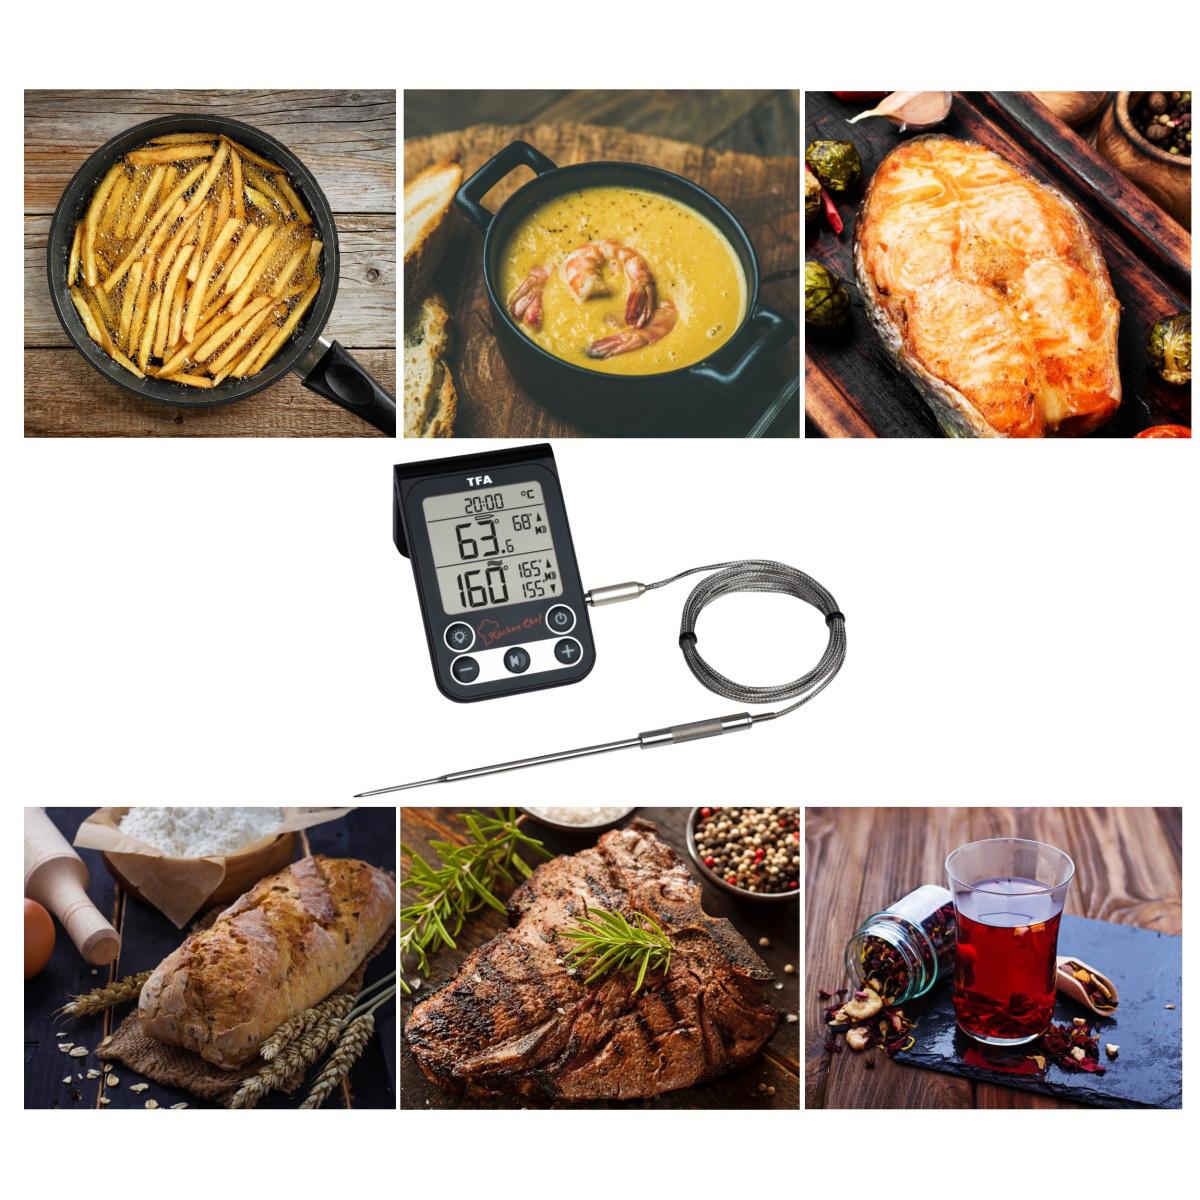 14-1512-01-digitales-grill-braten-ofenthermometer-küchen-chef-anwendung-1200x1200px.jpg